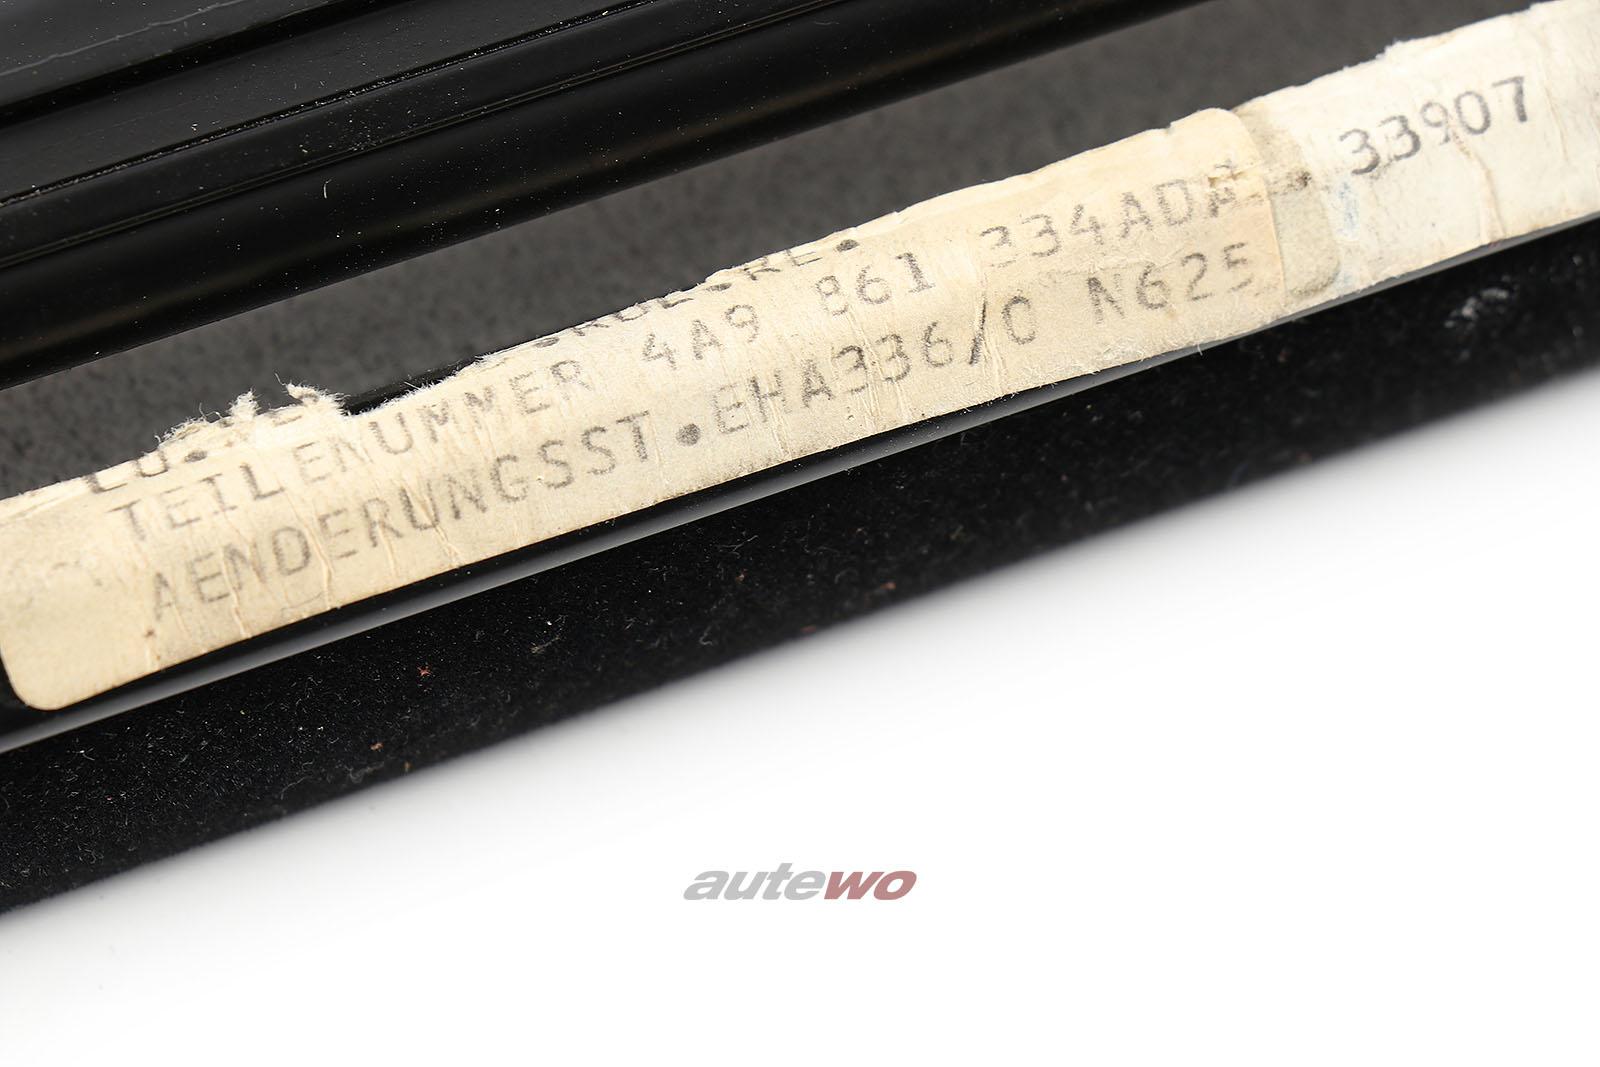 4A9861333AD & 4A9861334AD Audi 100/S4/A6/S6+ C4 Avant Sonnenschutzrollos